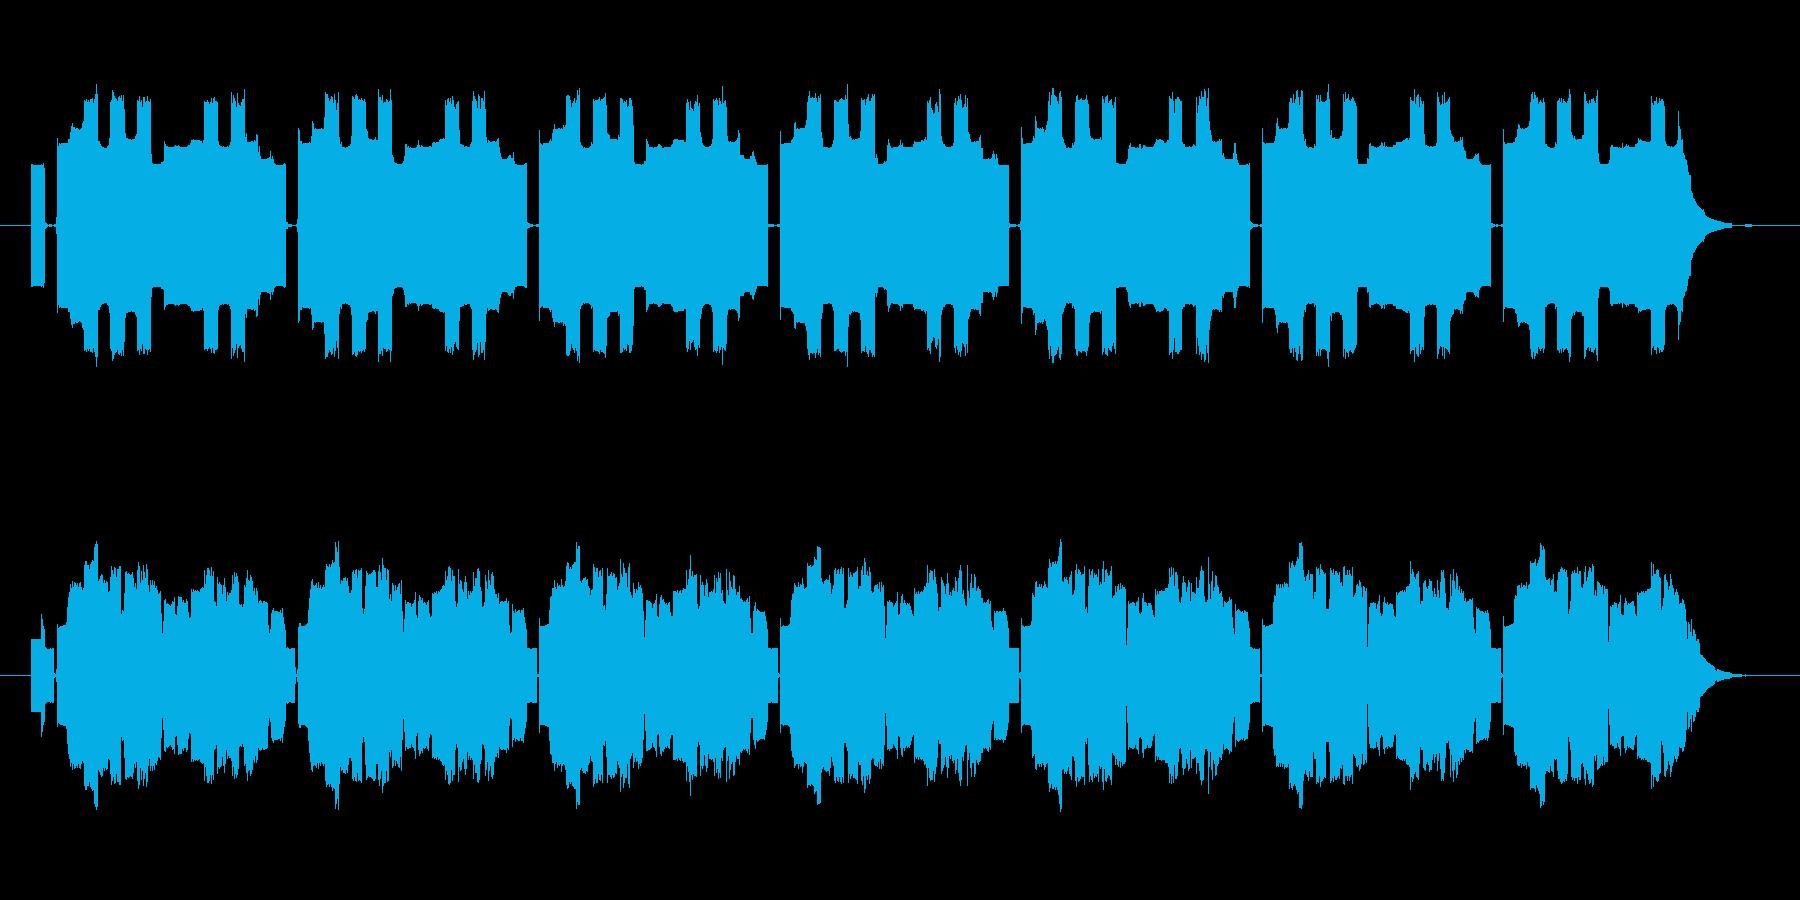 機械音。交信中の音。の再生済みの波形